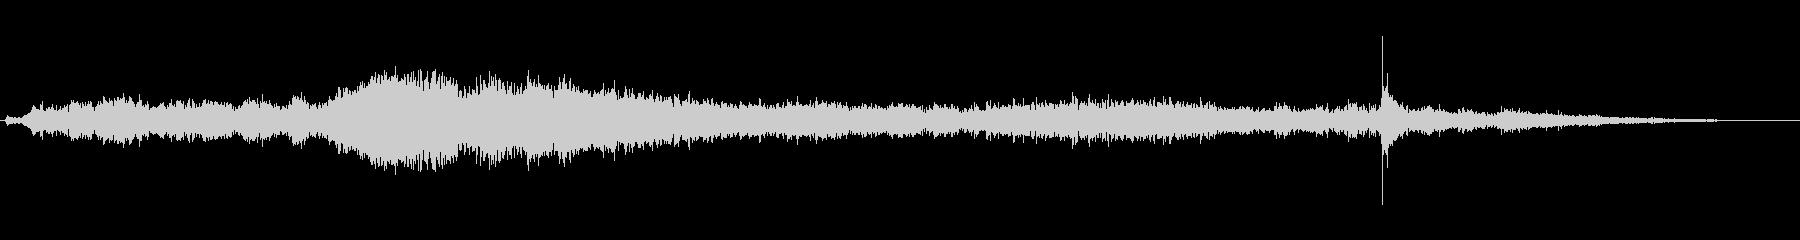 ドアの閉まる音風のアイキャッチ音の未再生の波形